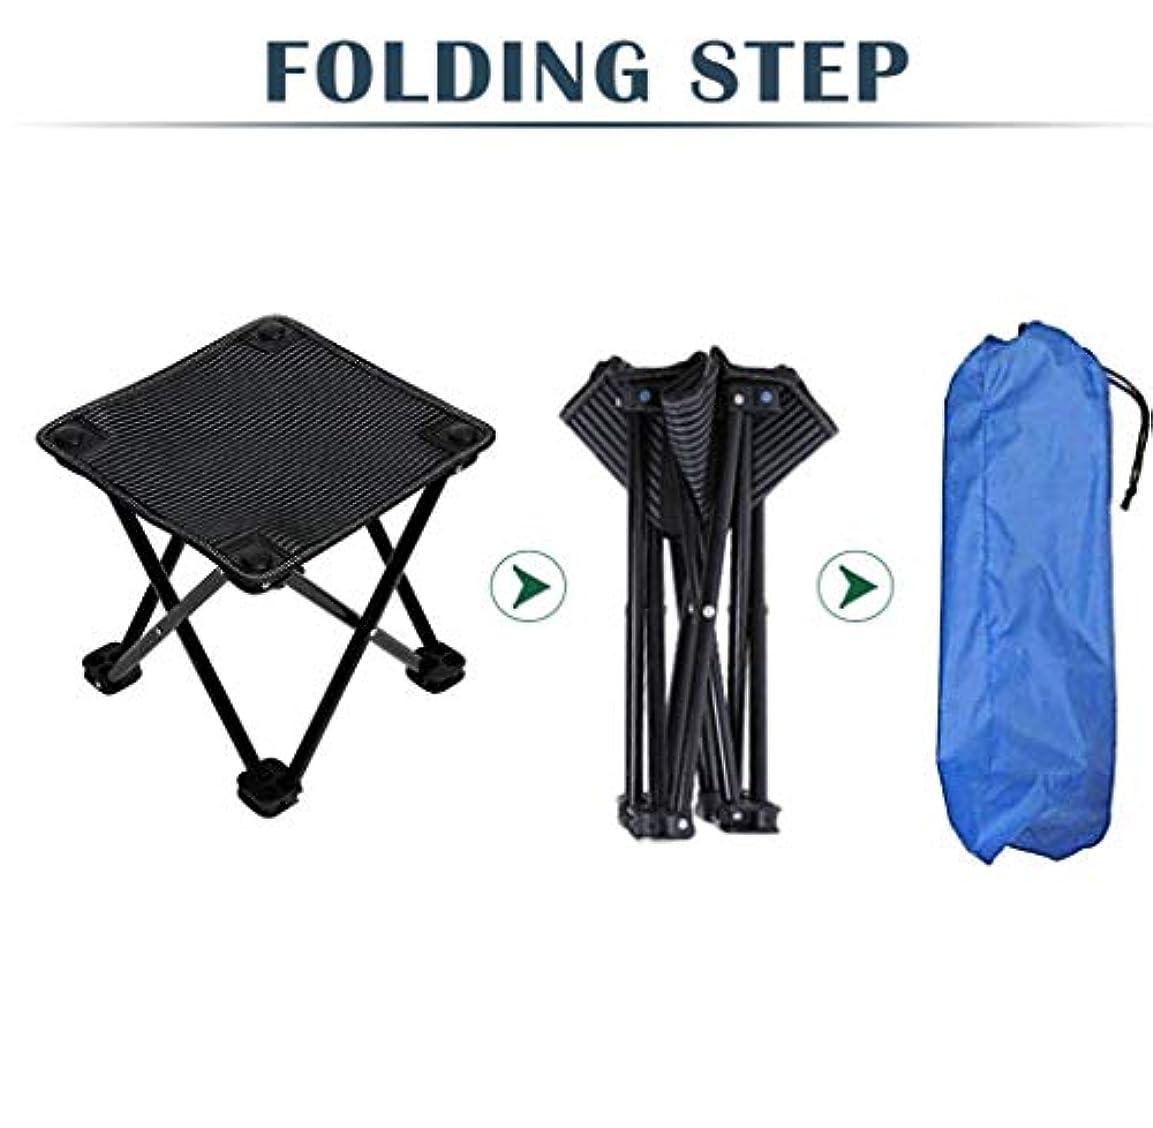 アラビア語クロニクル慣れているキャンプチェアポータブル折りたたみアウトドアキャンプ、軽量バックパッキング、ビーチラウンジに最適 - コンパクトなバッグで折りたたみ可能、頑丈な15KG,B